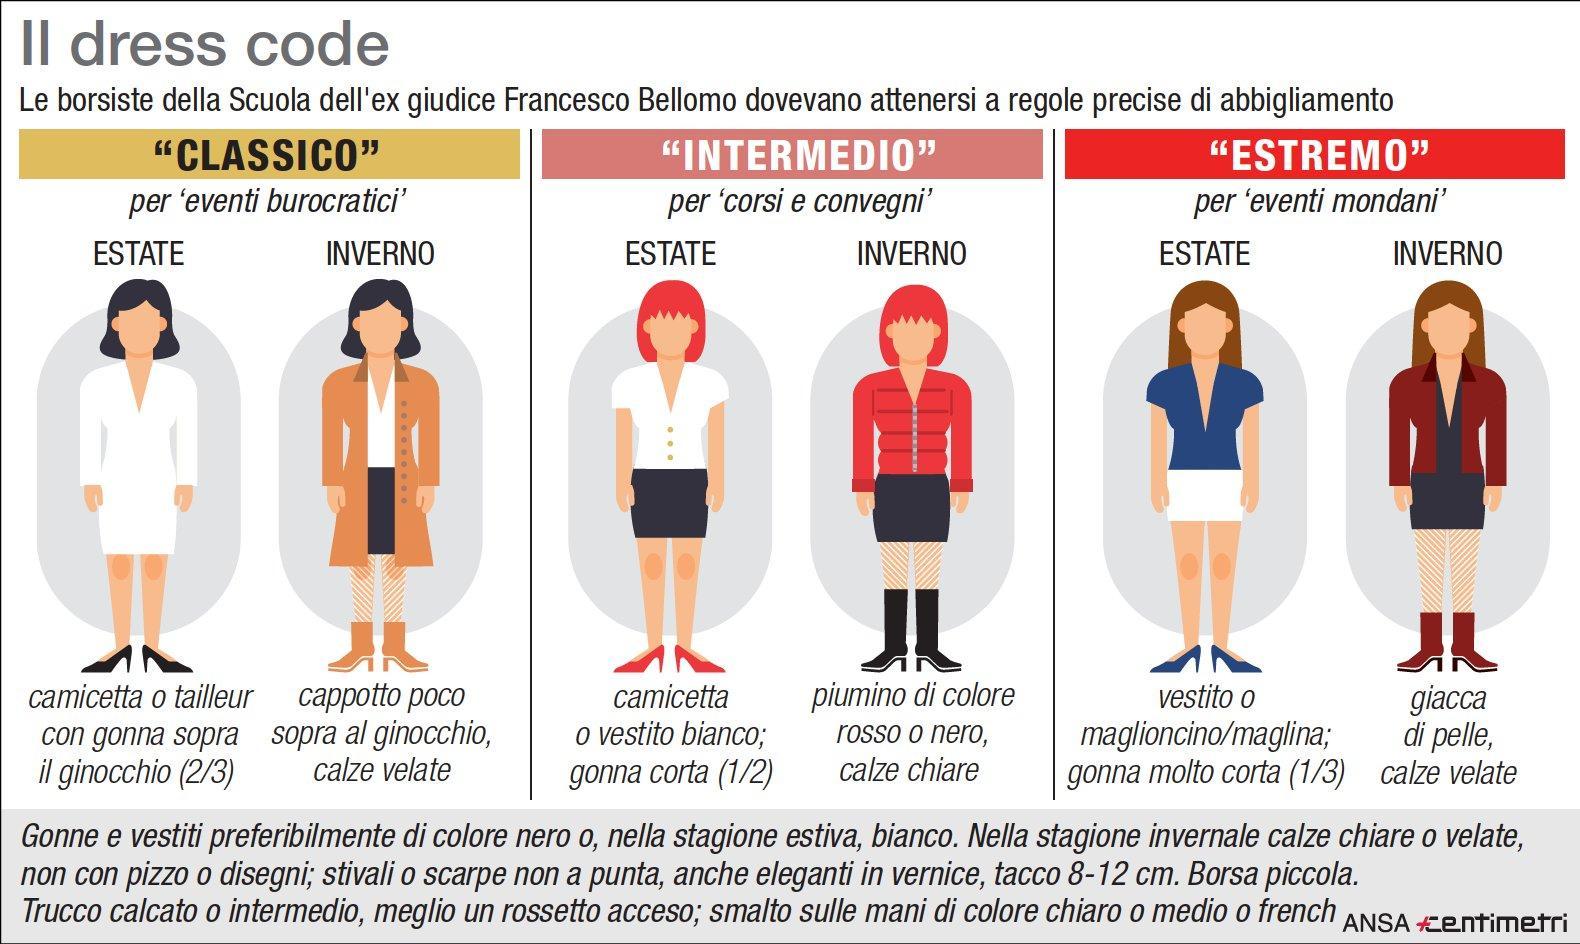 Bellomo e il dress code: classico, intermedio o estremo